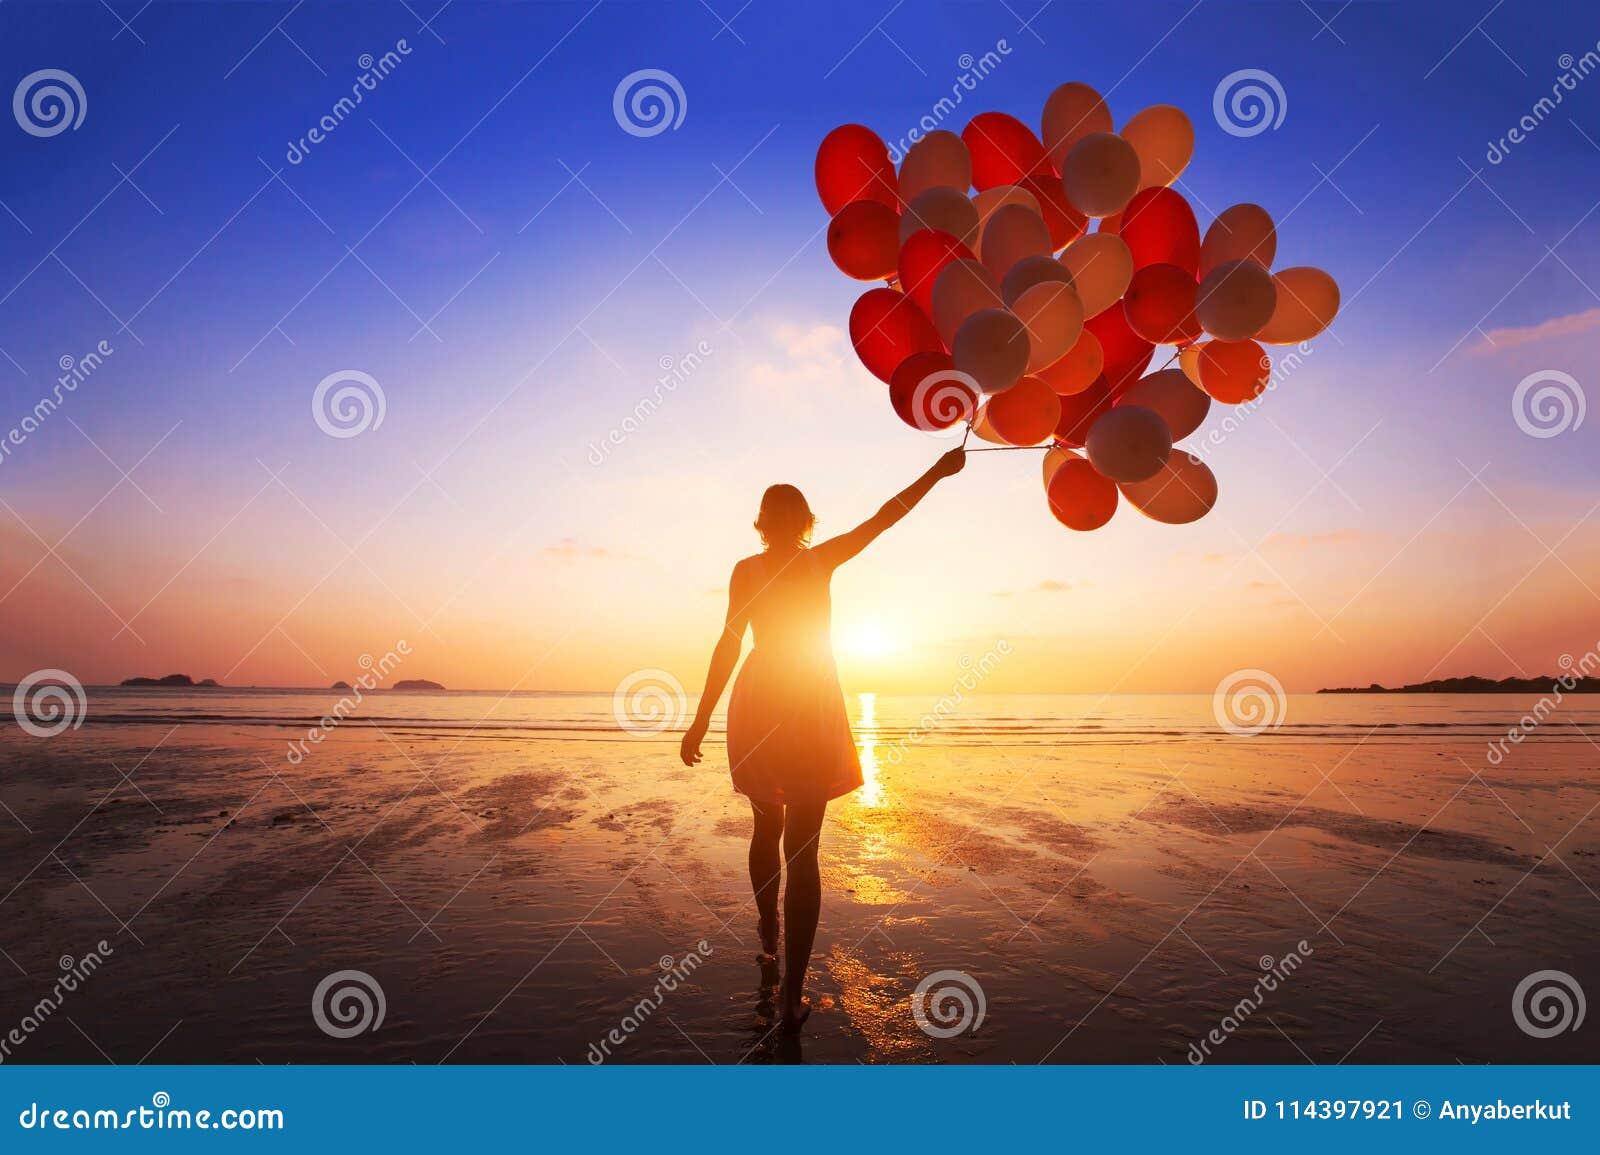 Concept d inspiration, de joie et de bonheur, silhouette de femme avec beaucoup de ballons de vol